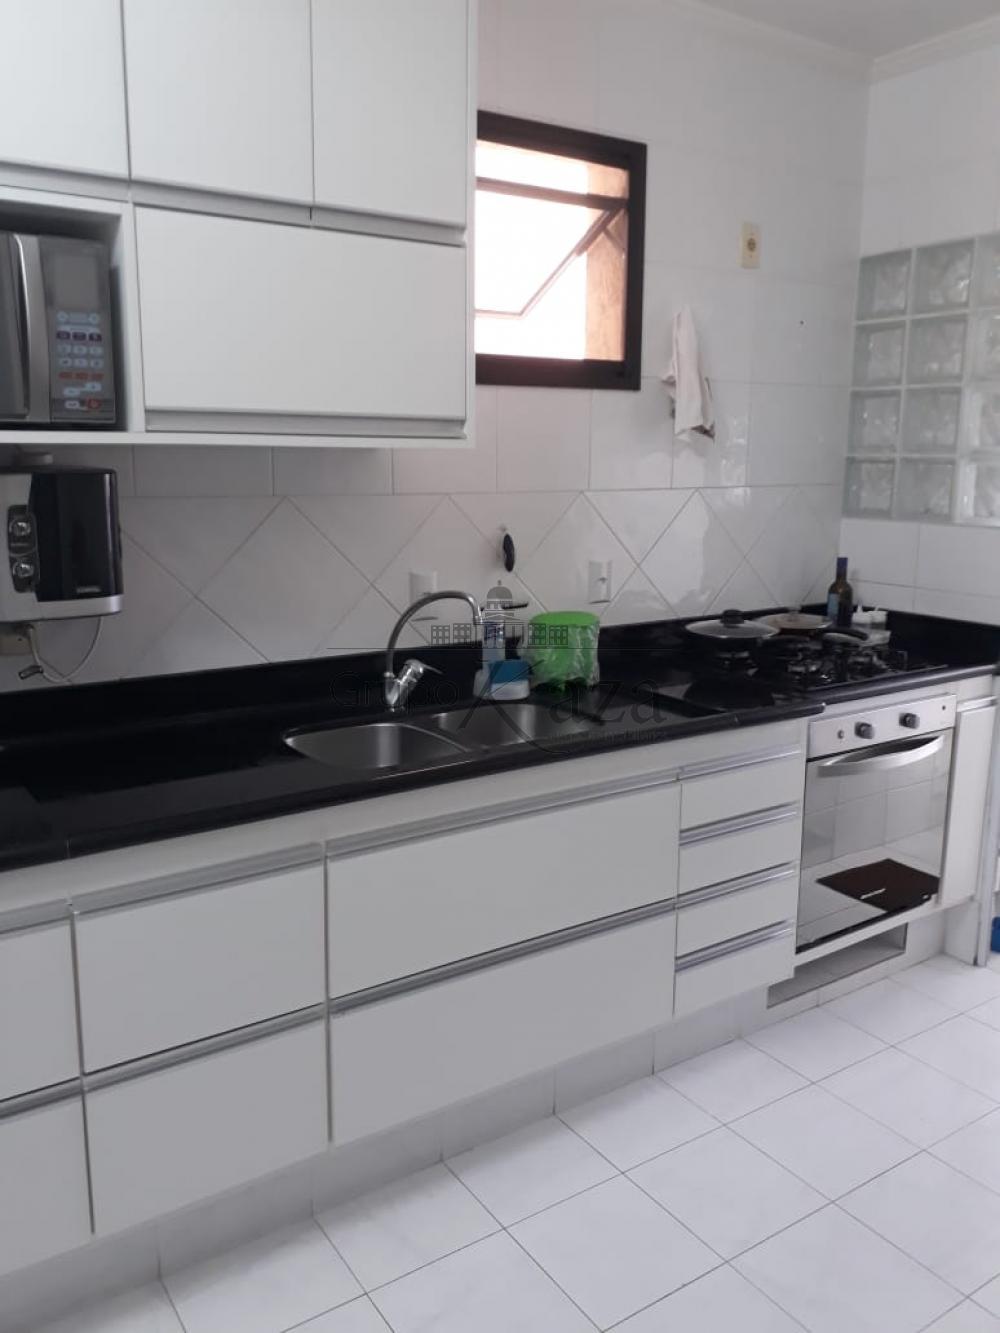 alt='Comprar Apartamento / Padrão em São José dos Campos R$ 415.000,00 - Foto 7' title='Comprar Apartamento / Padrão em São José dos Campos R$ 415.000,00 - Foto 7'